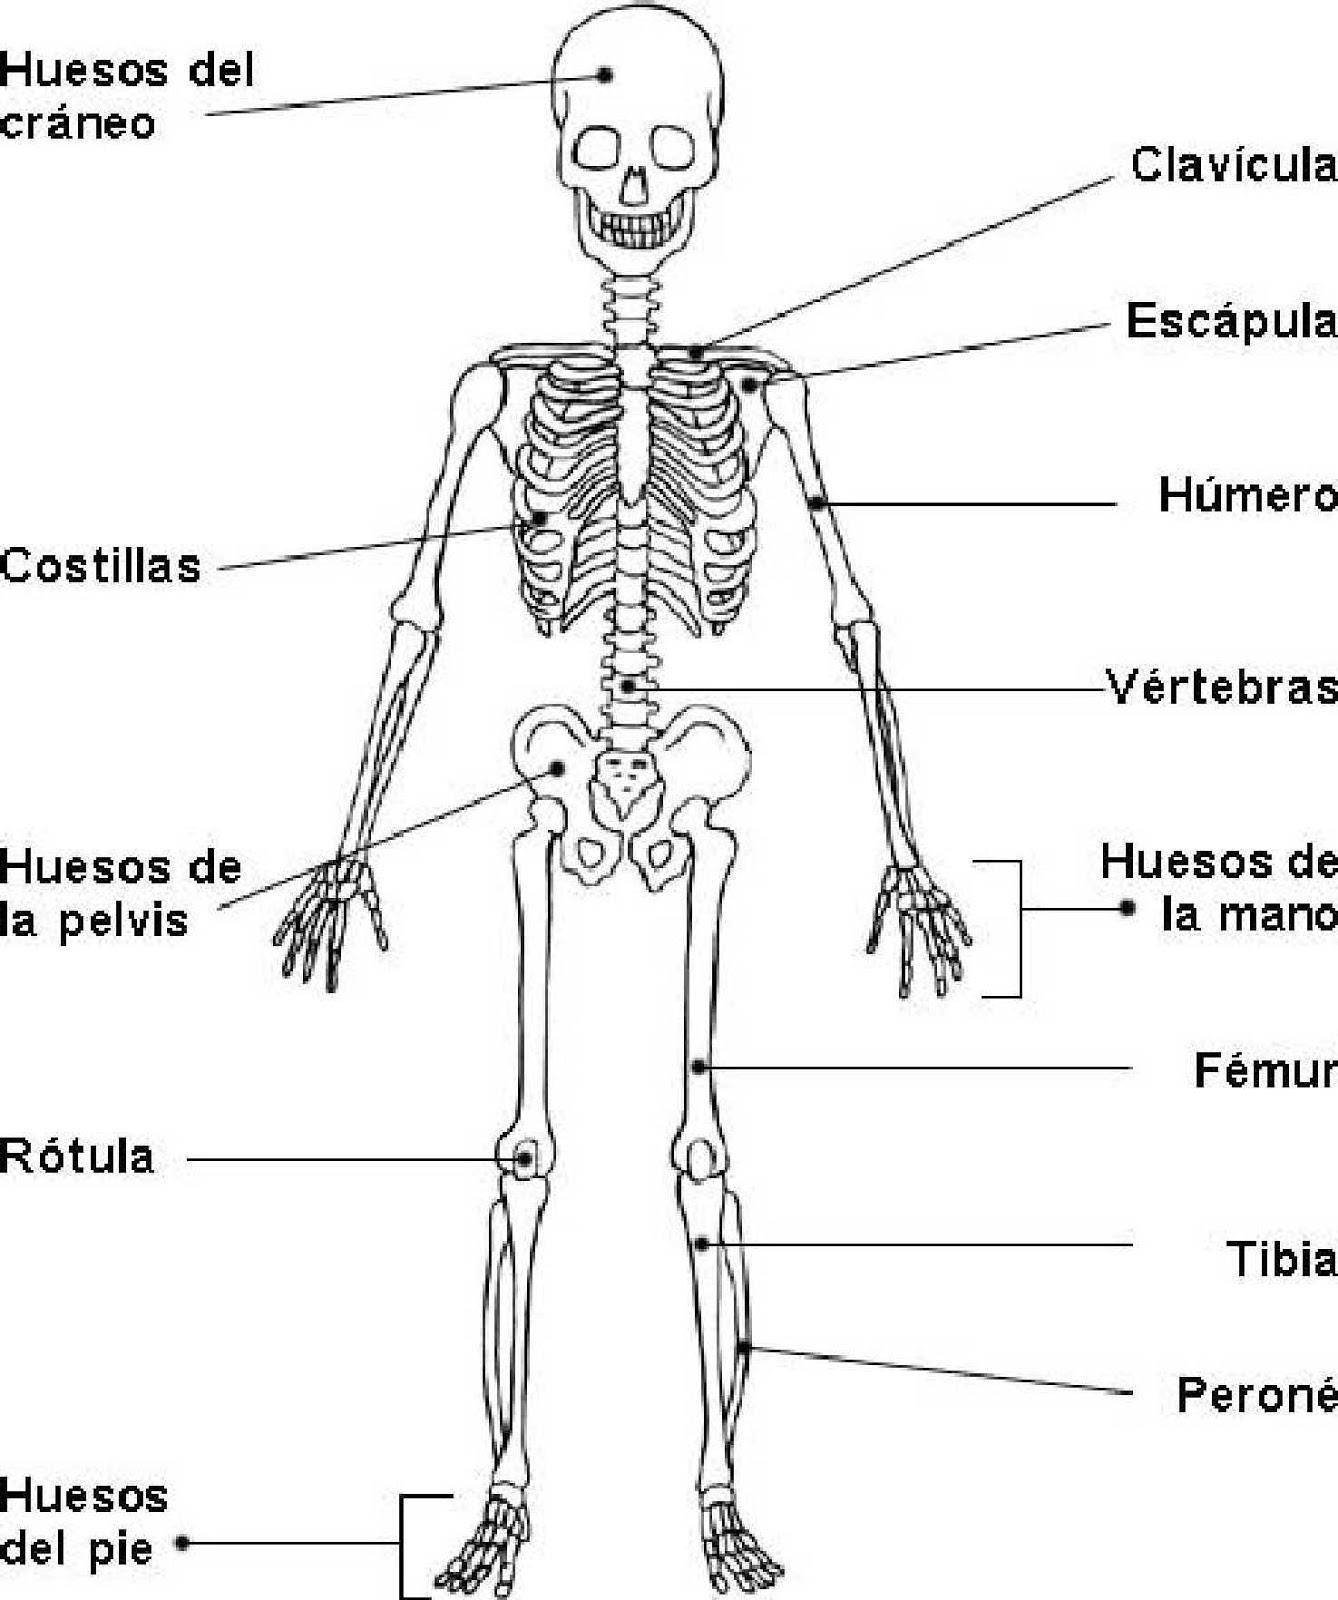 Vistoso Gráfico Hueso Humano Foto - Anatomía de Las Imágenesdel ...